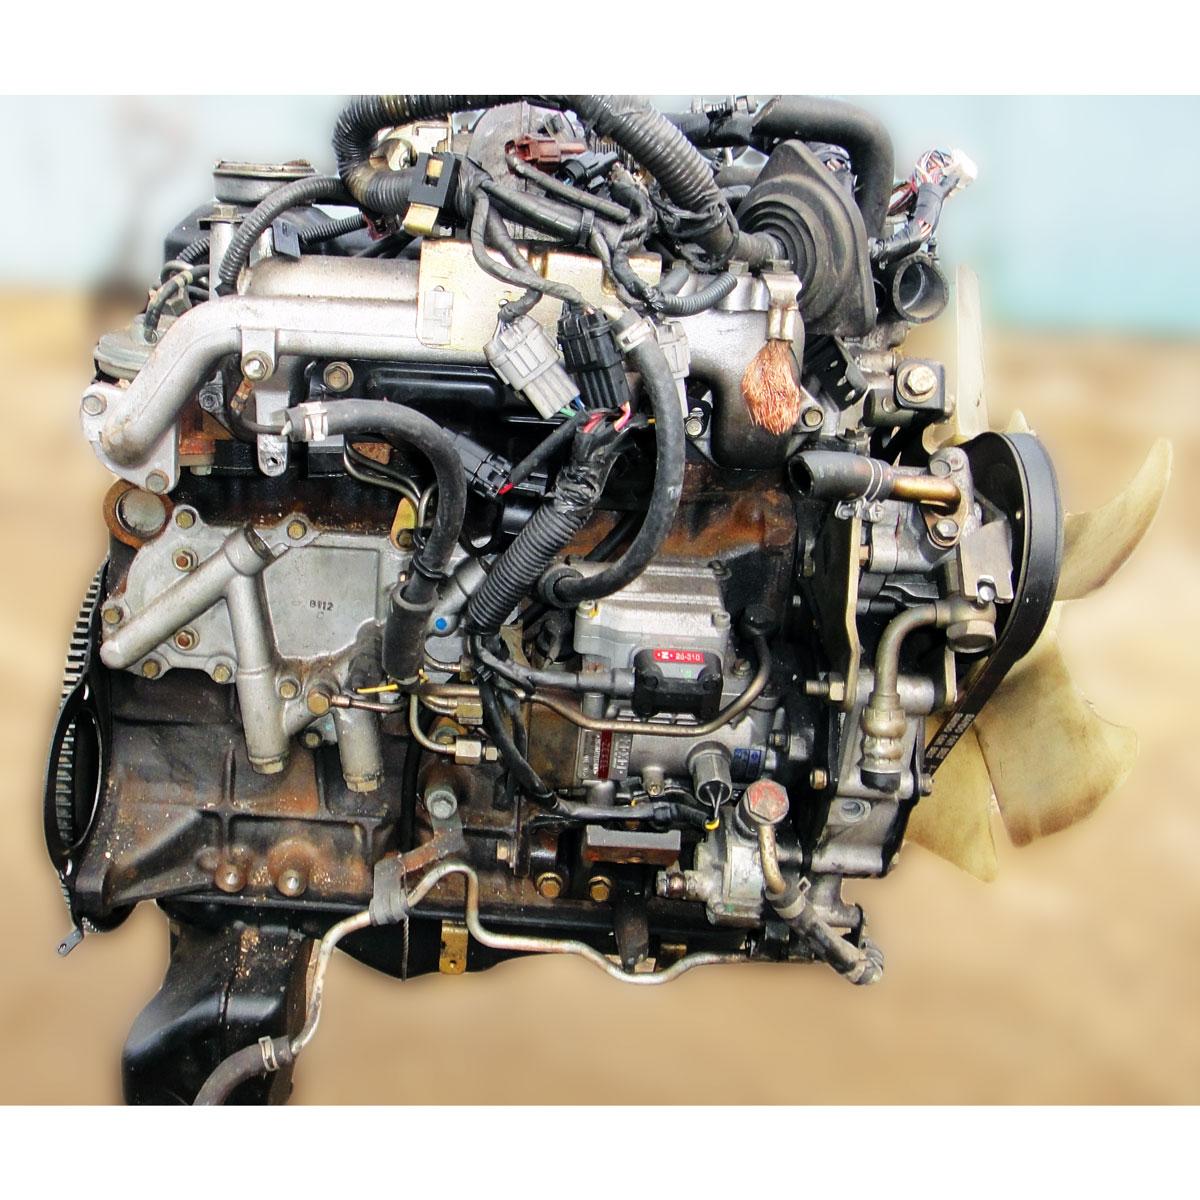 характеристика двигателя nissan qd 32 eti